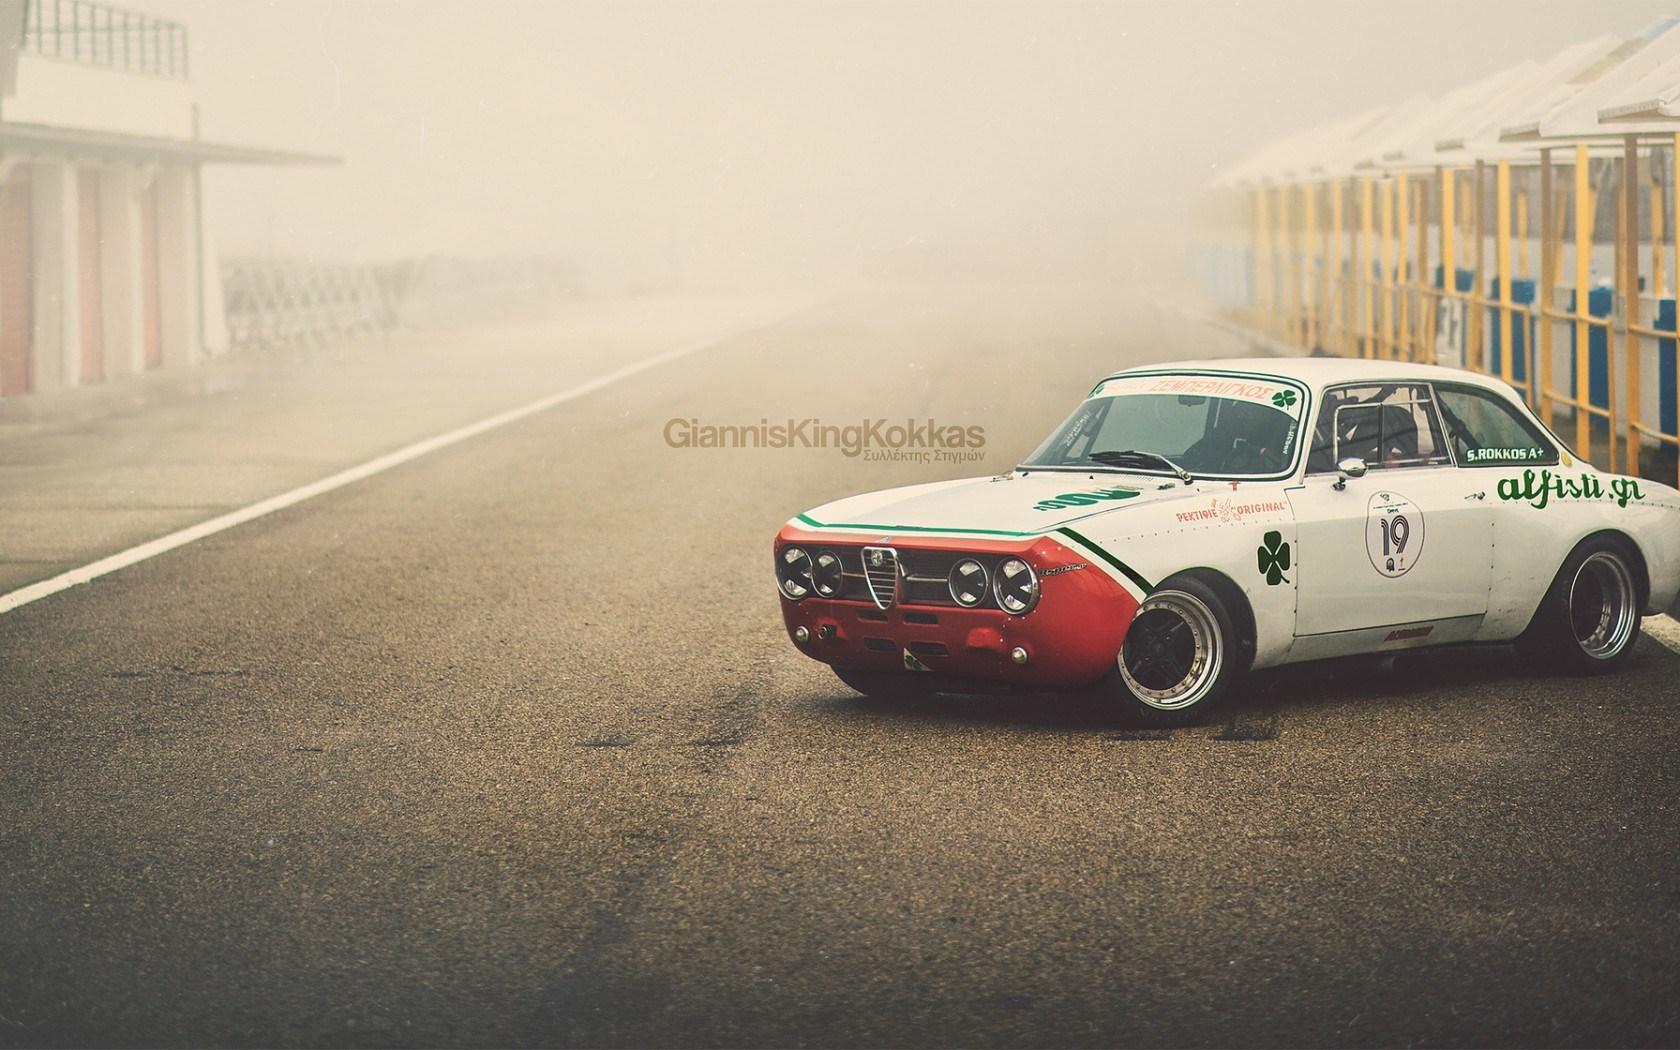 Alfa Romeo Gtv Wallpaper Hd Alfa Romeo Giulia 1750 Gta 1680x1050 Wallpaper Teahub Io